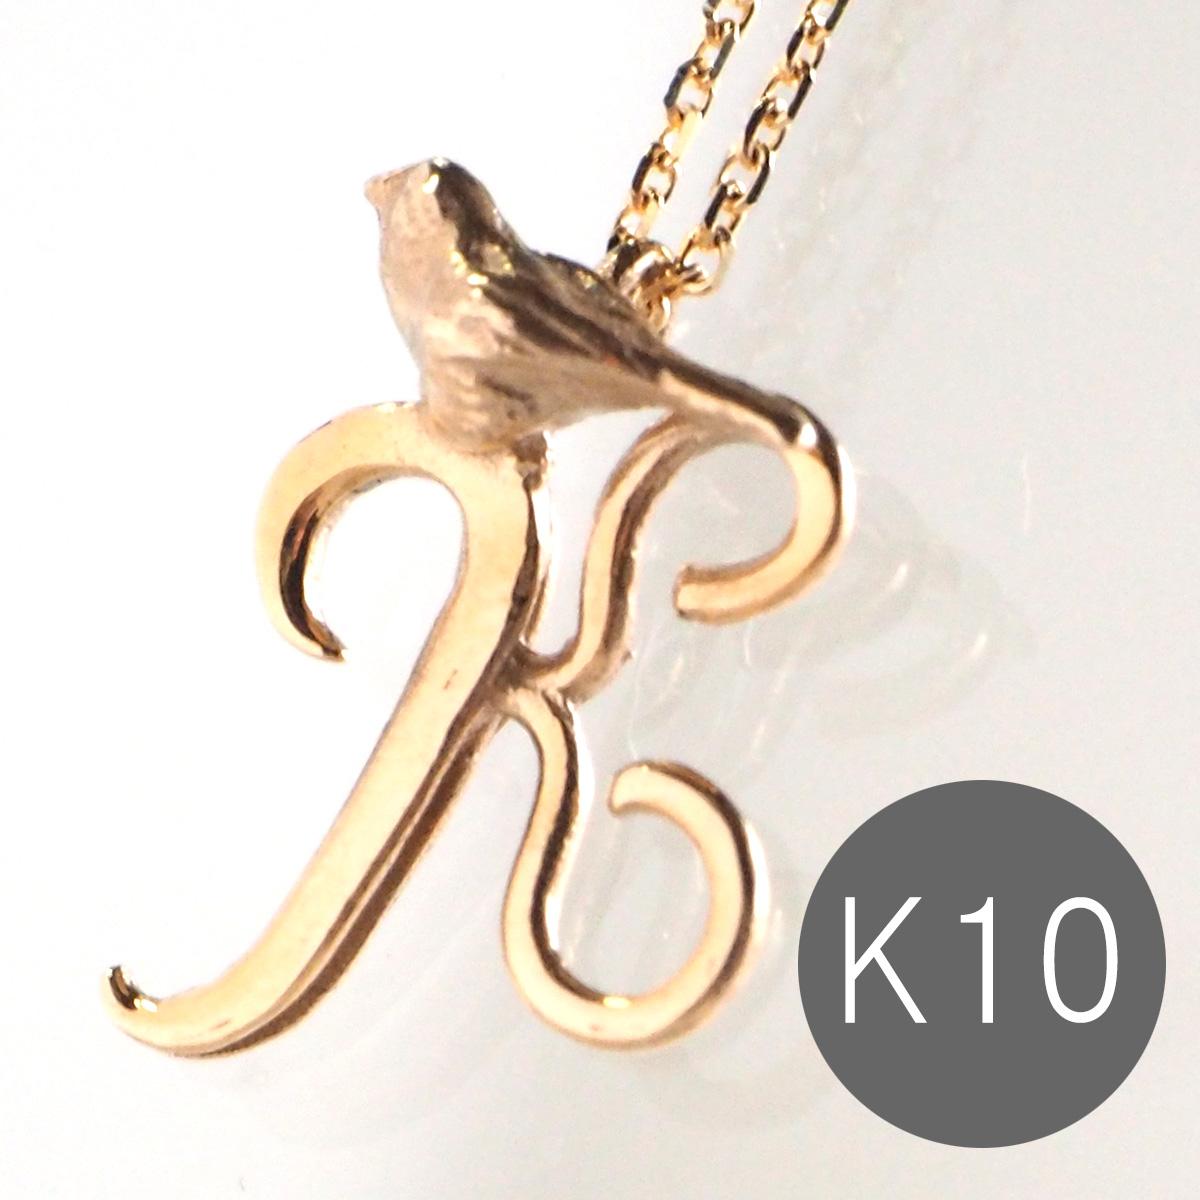 """DECOvienya(デコヴィーニャ) 手作りアクセサリー 10Kゴールド イニシャルネックレス """"K"""" カケス 多才多芸 [DE-10K-K]"""